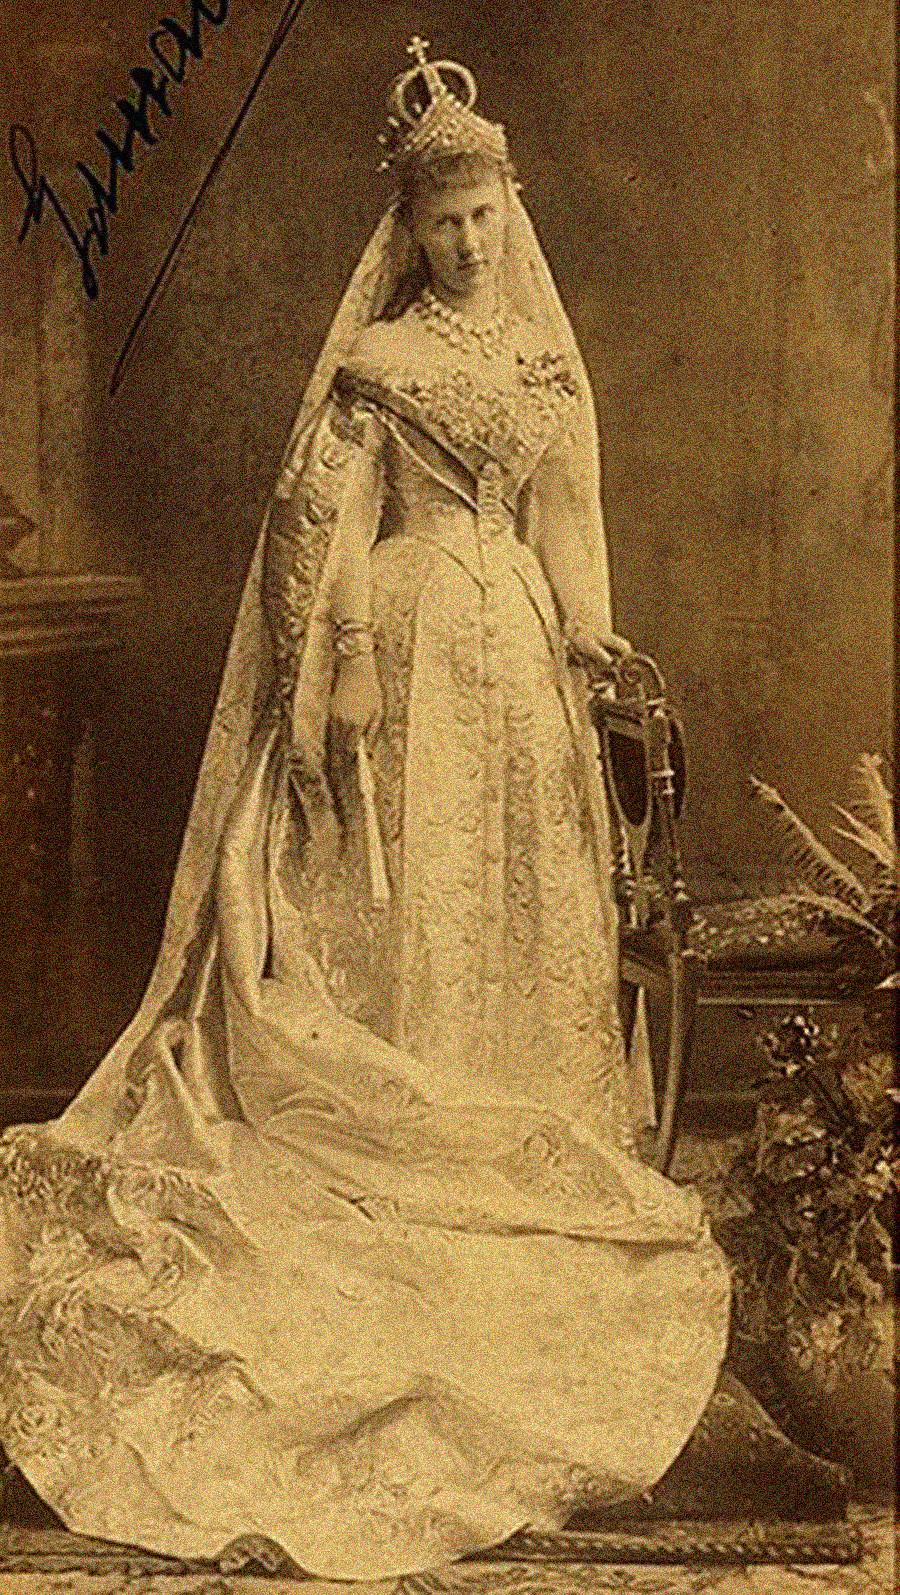 La grande-duchesse Élisabeth de Saxe-Altenbourg en robe de mariée, avec la couronne et la tiare de mariage, le 27 avril 1884